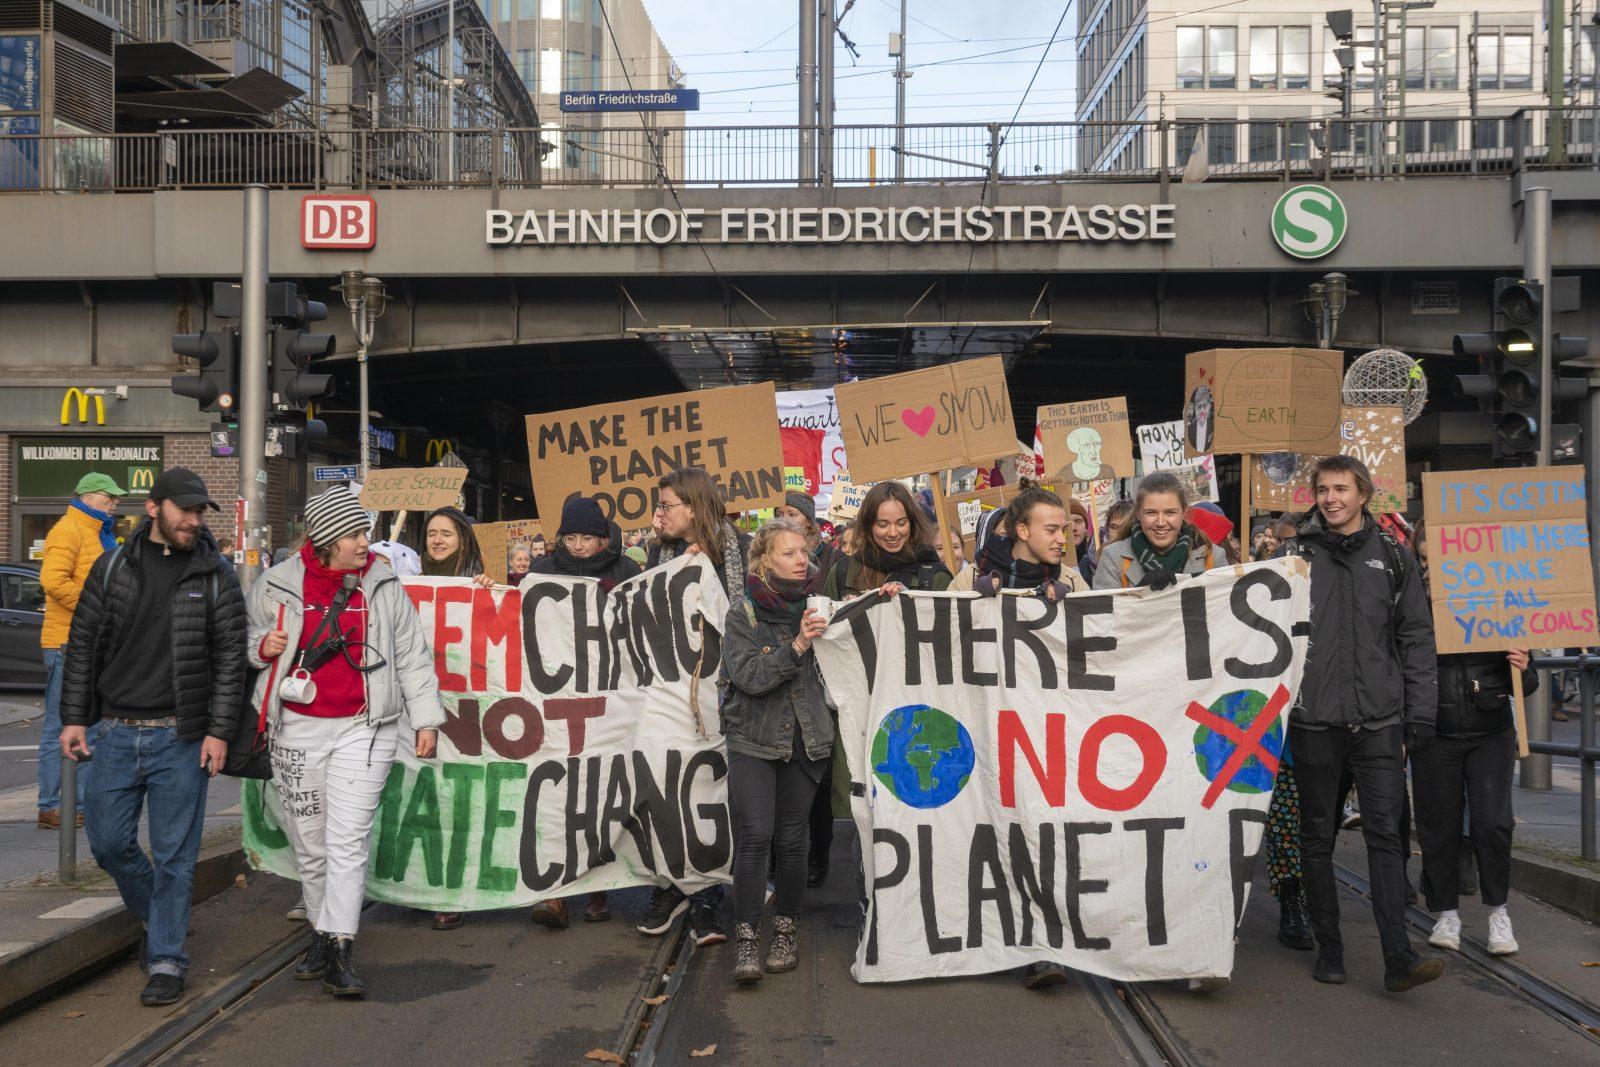 Klimastreik, Studenten mit Bannern auf der Demonstration, Fridays for Future, Friedrichstraße, Berlin, Deutschland, Europa